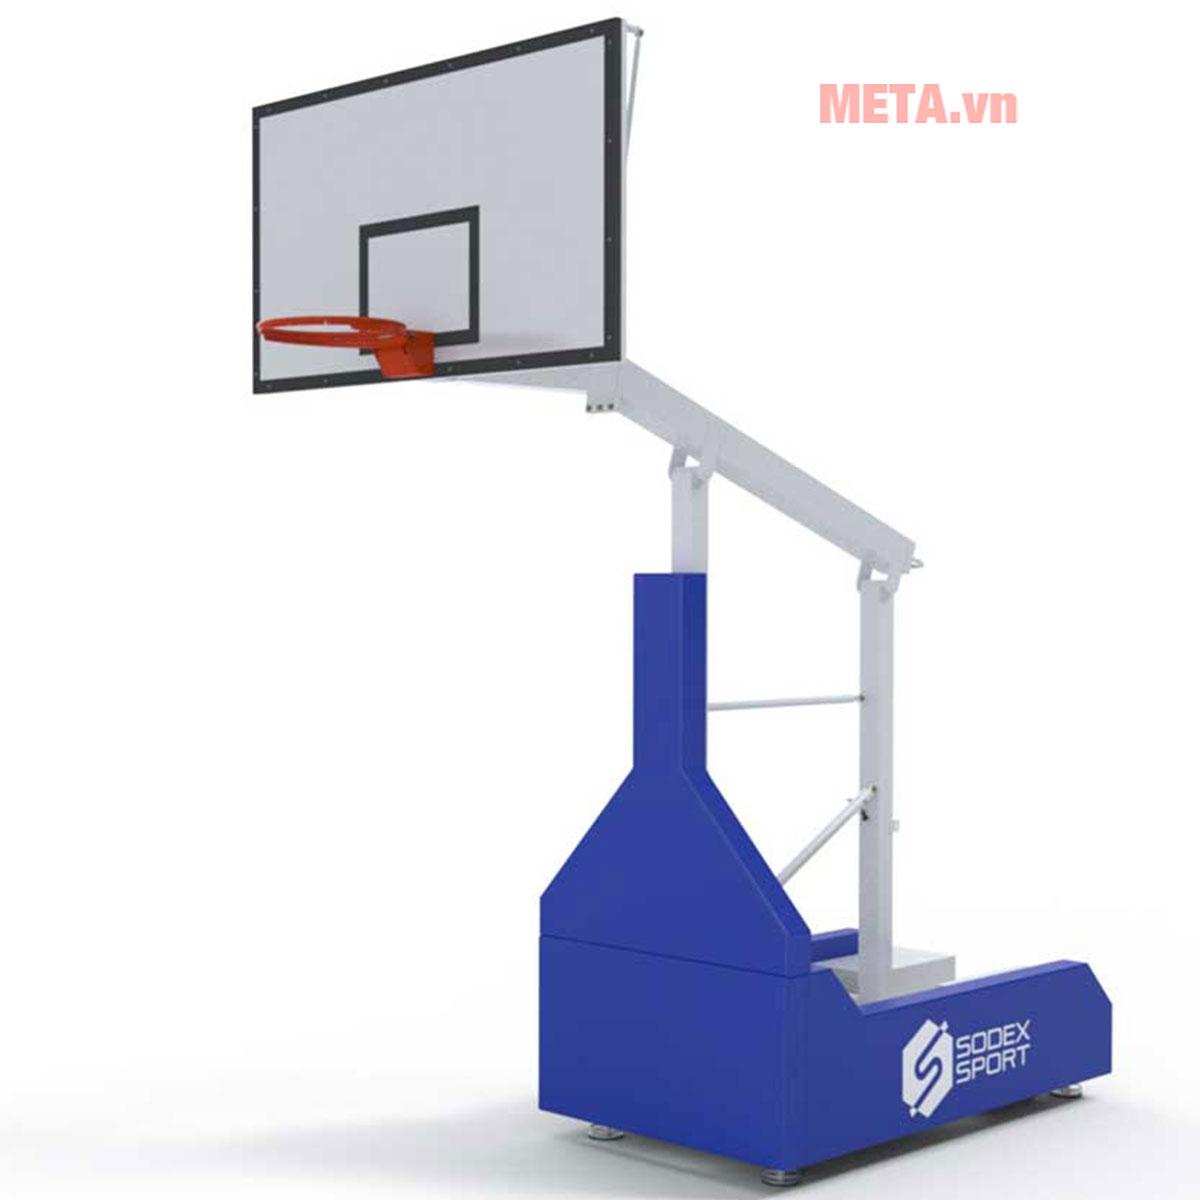 Hình ảnh trụ bóng rổ xếp dùng cho thi đấu cấp độ cao